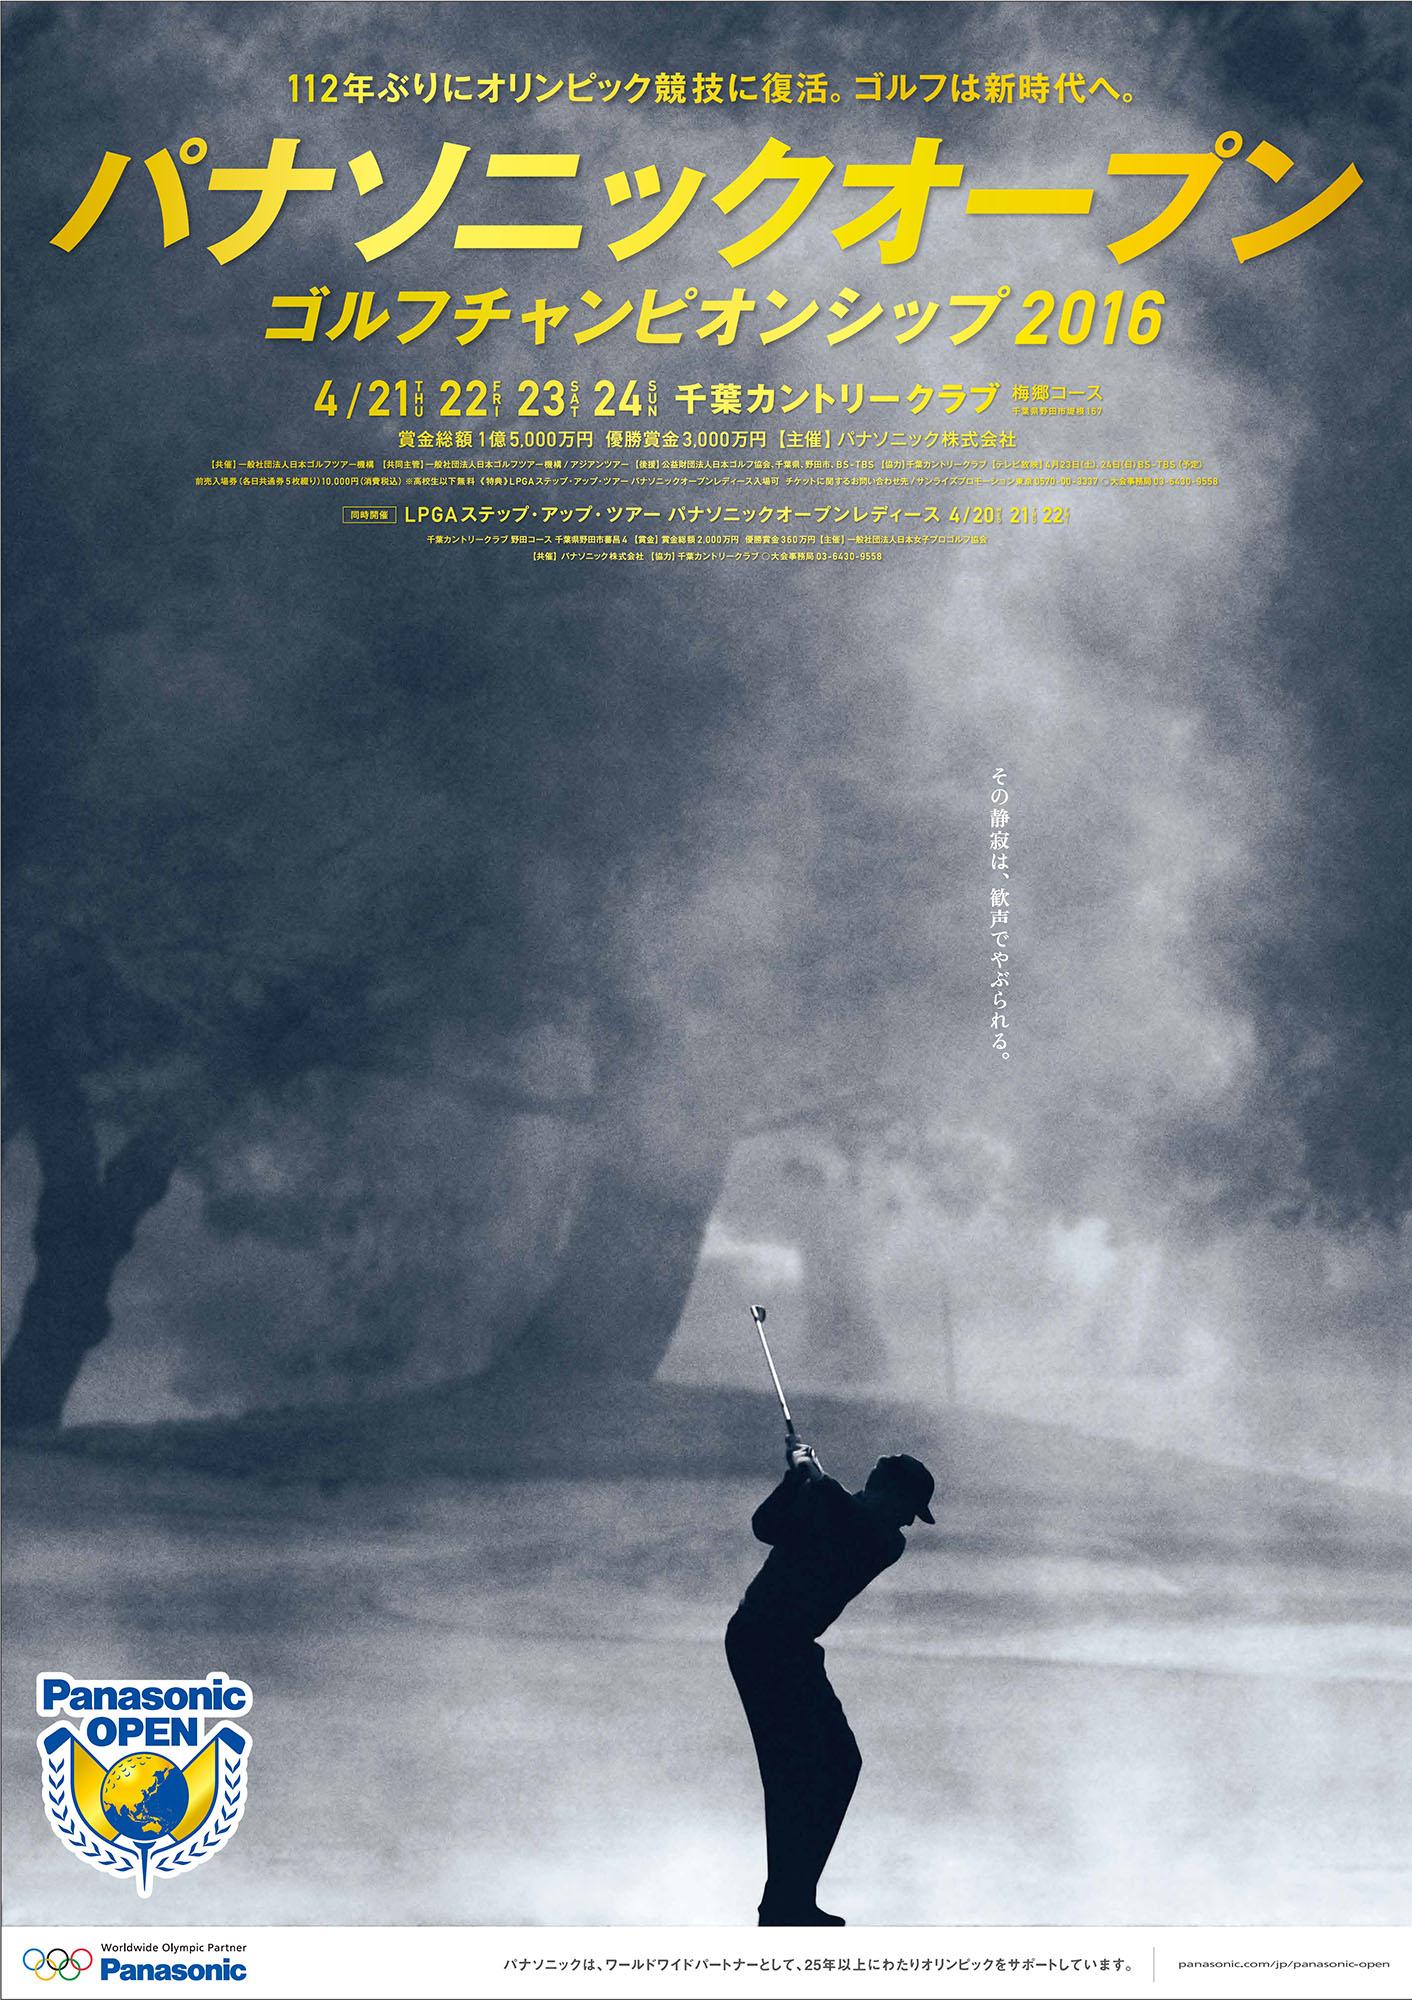 「パナソニックオープンゴルフチャンピオンシップ」と「パナソニックオープンレディース」を同時開催!